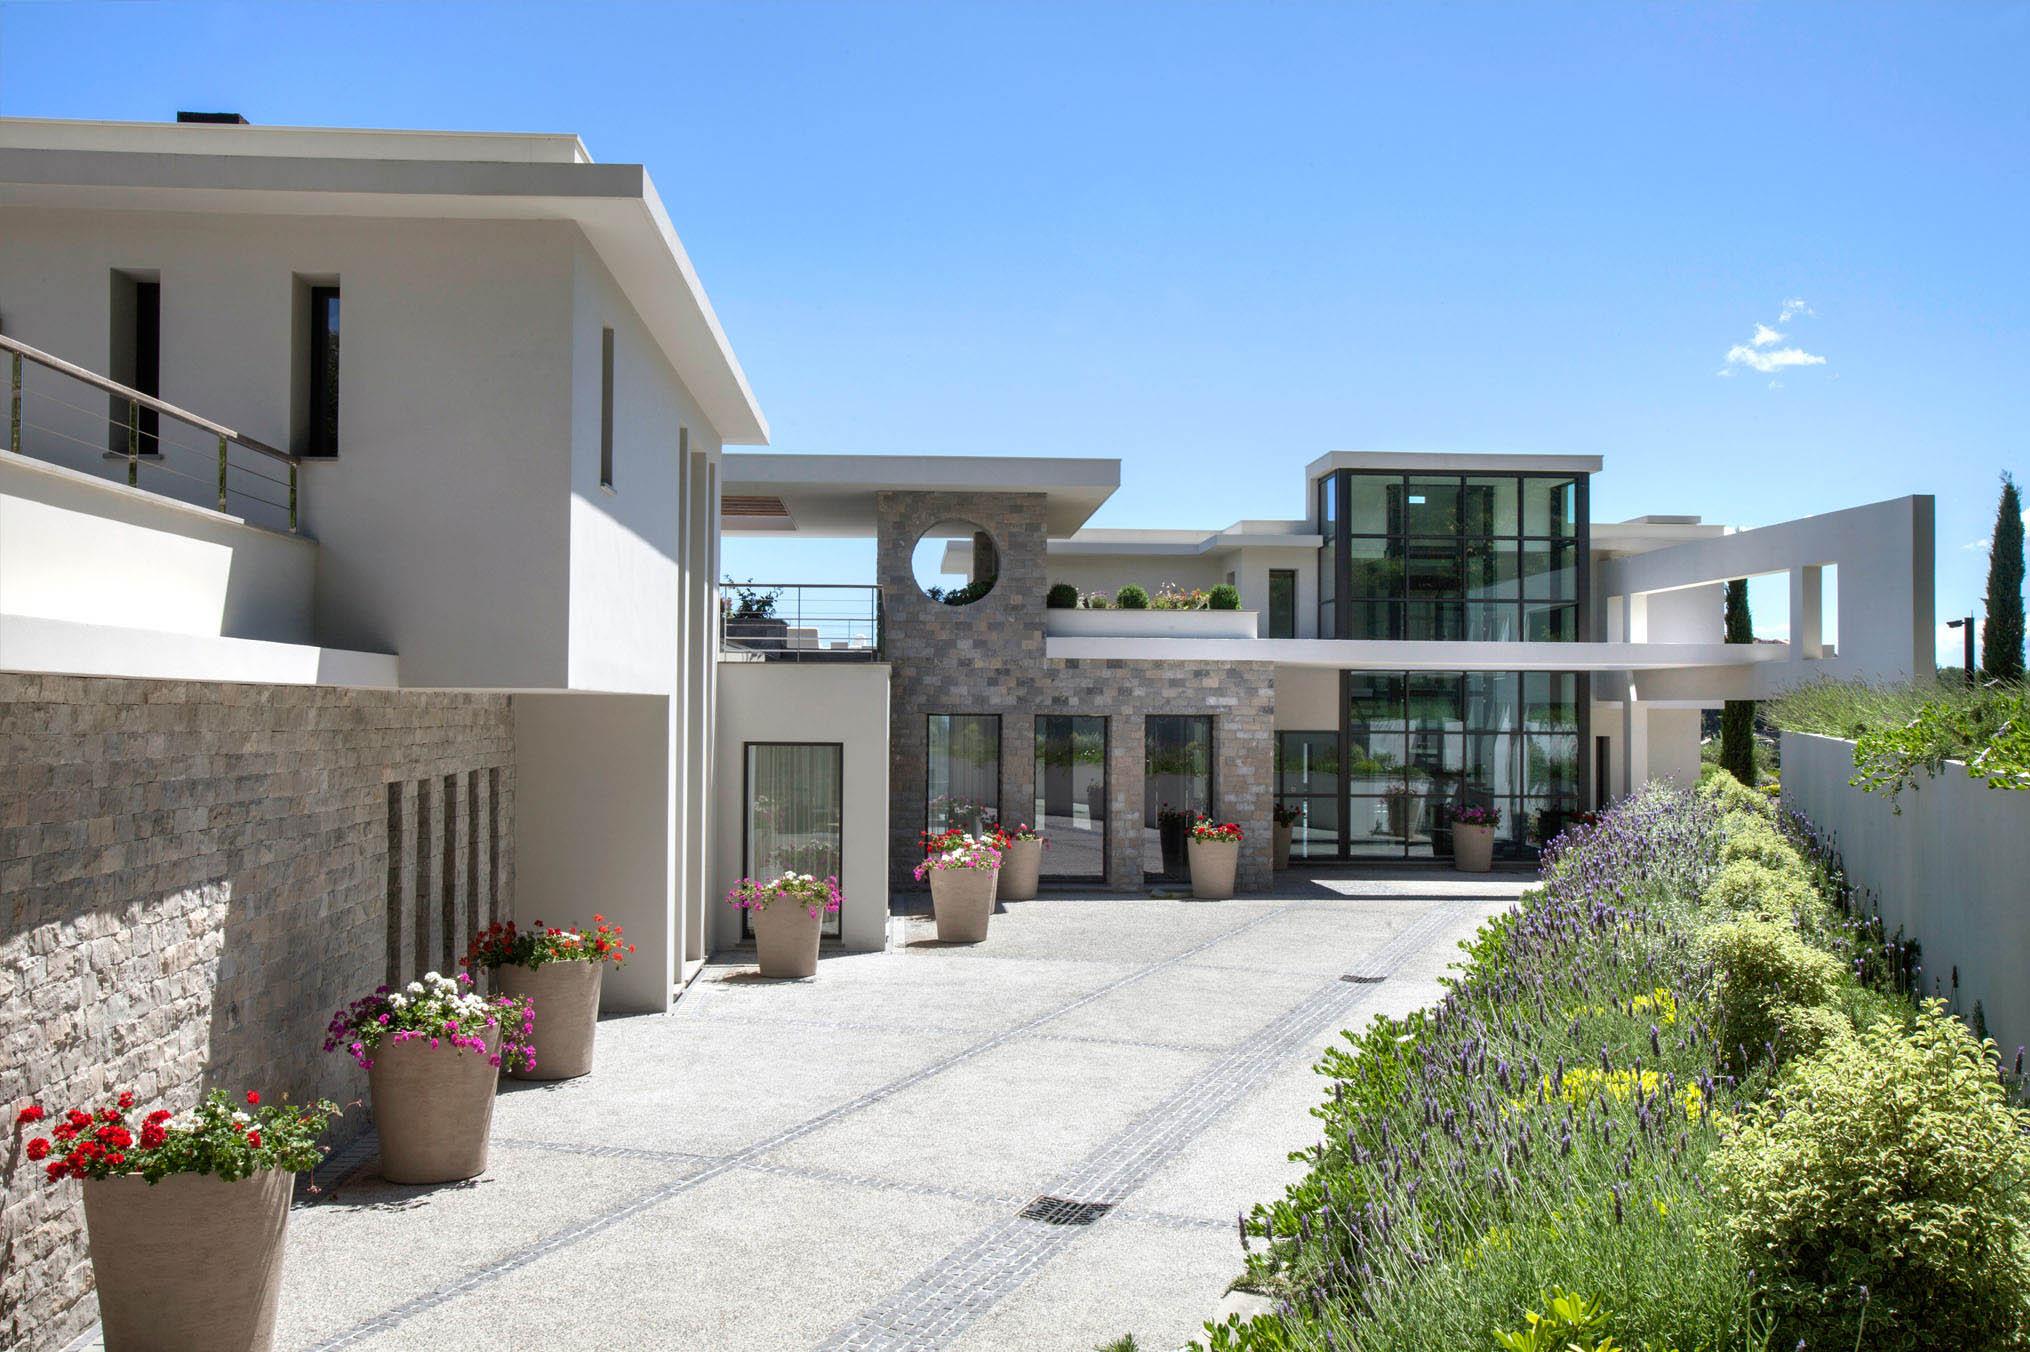 Alvalade for R house design